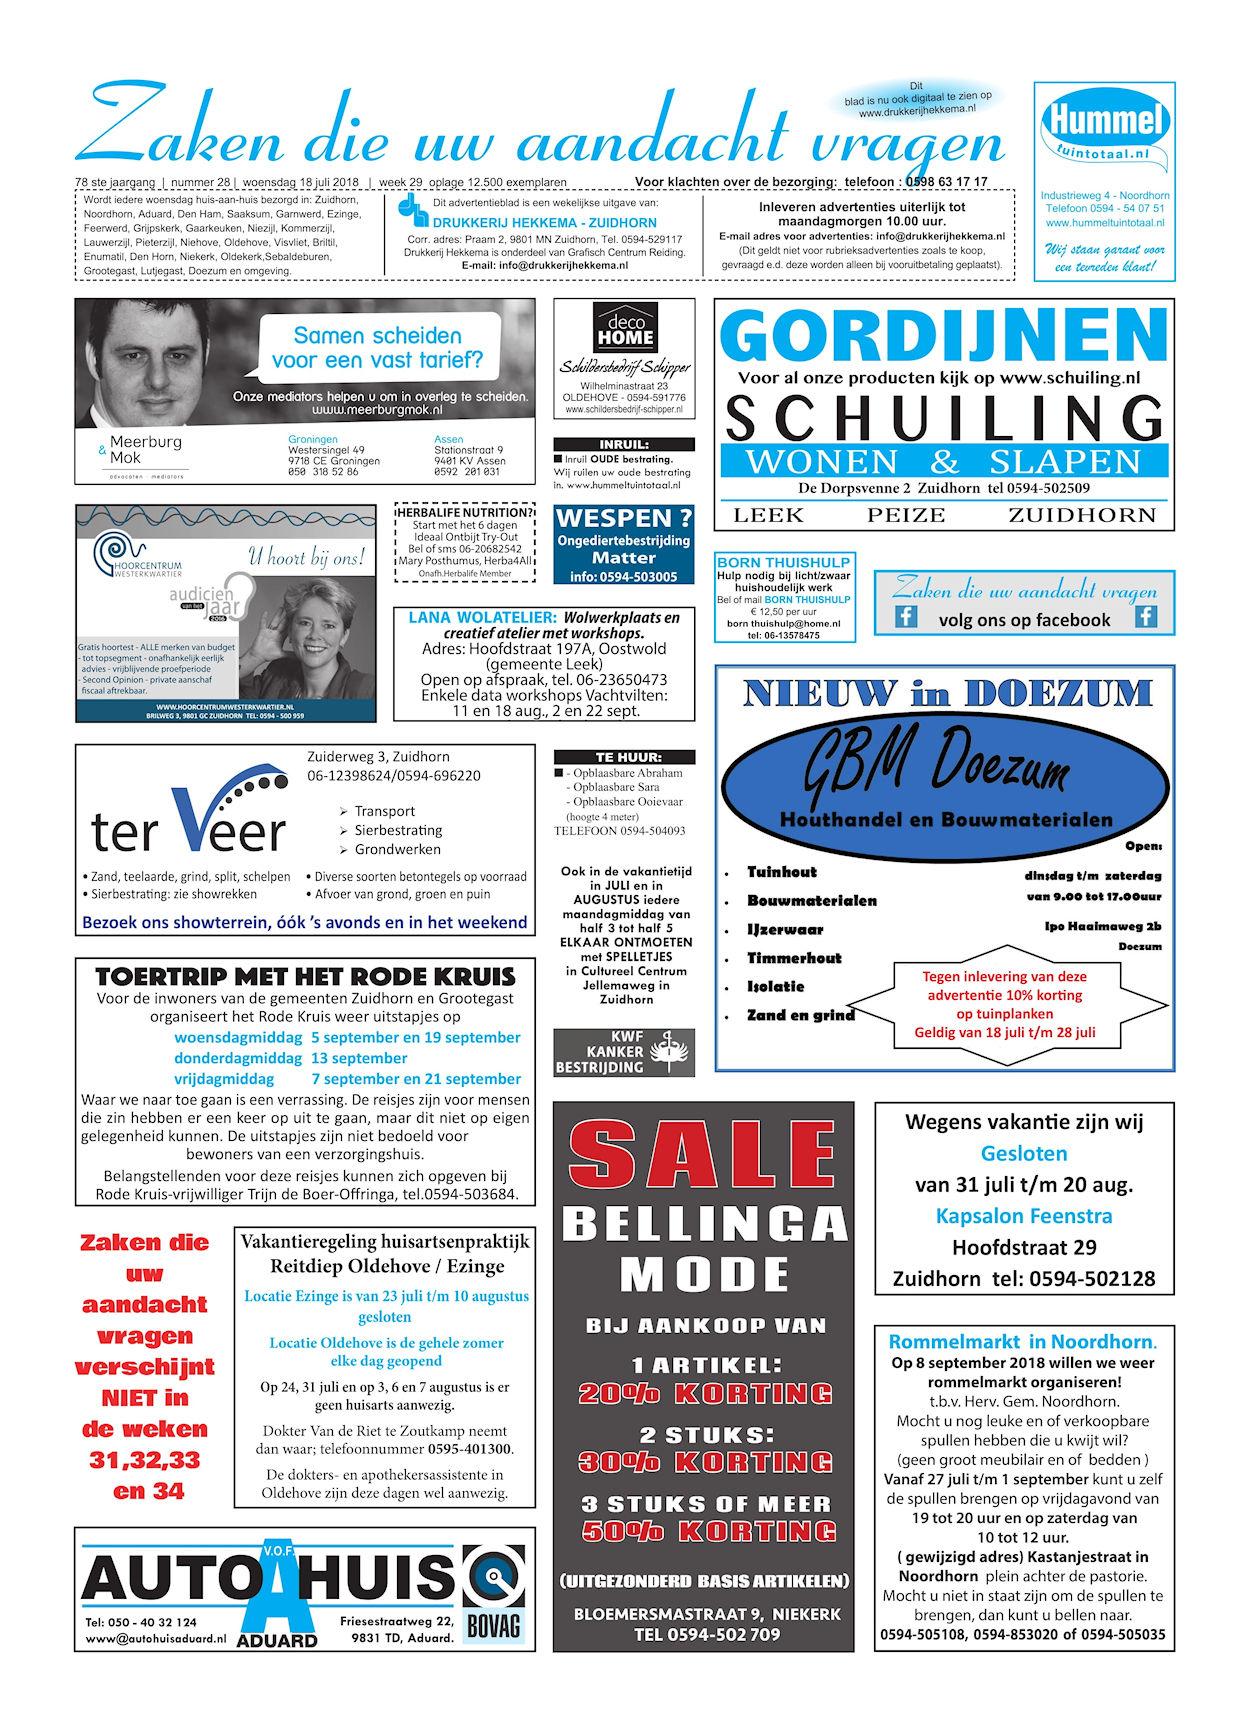 Drukkerij Hekkema - Zuidhorn - Zaken die uw aandacht vragen - 2018 week 29 (1)